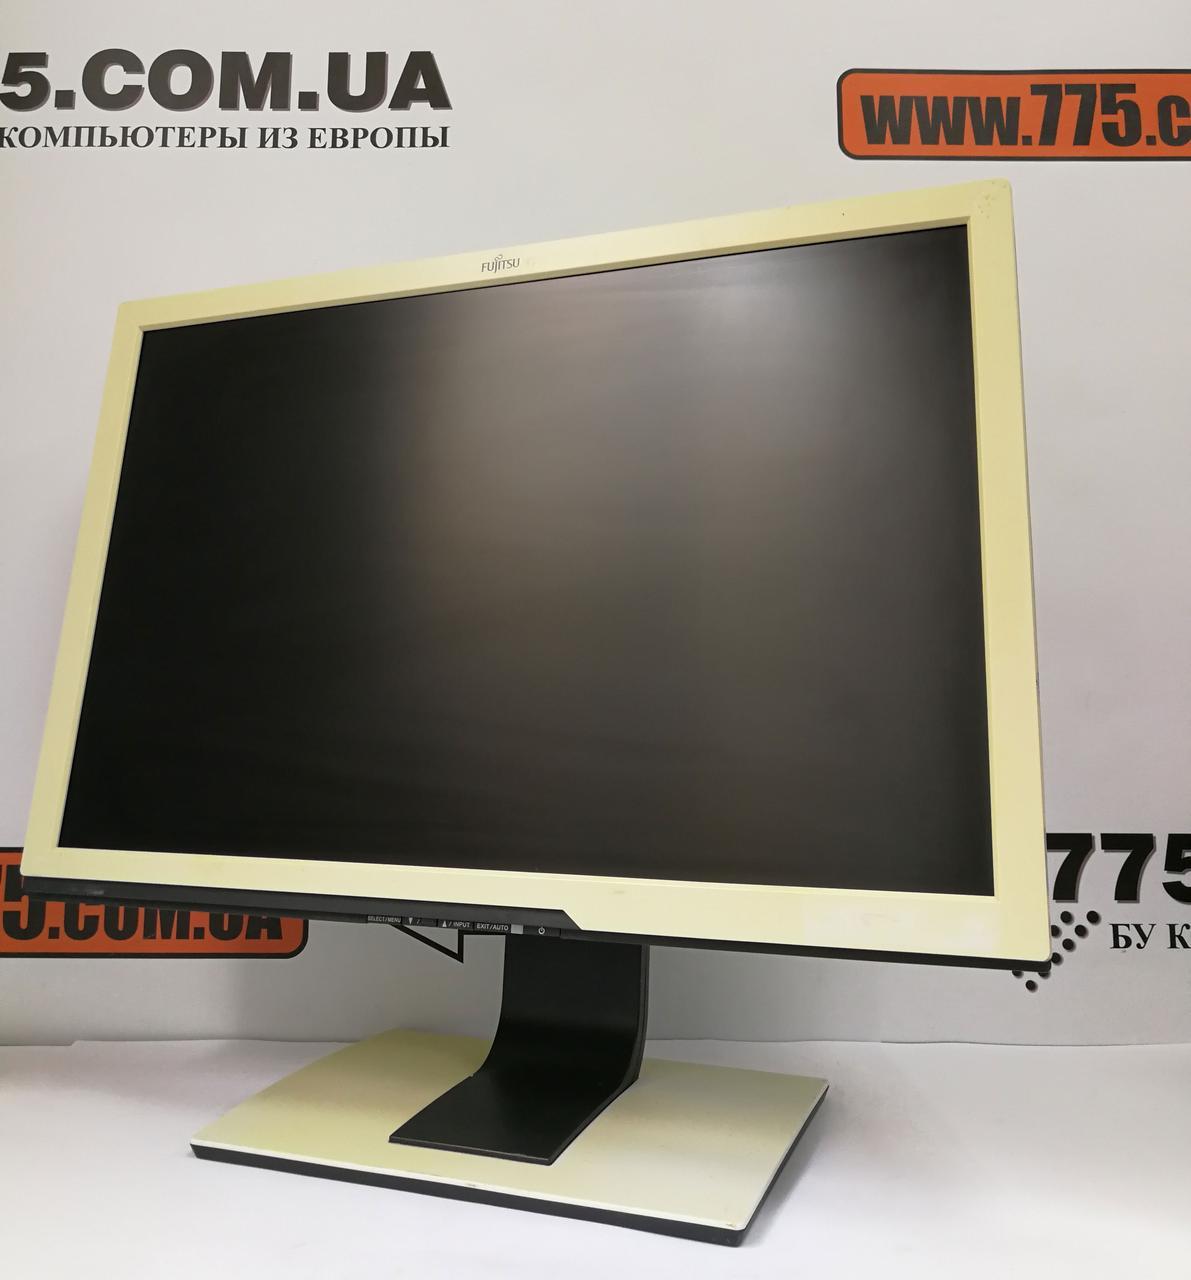 """Монитор 24"""" IPS Fujitsu 1920x1200 (16:10), класс """"B"""""""